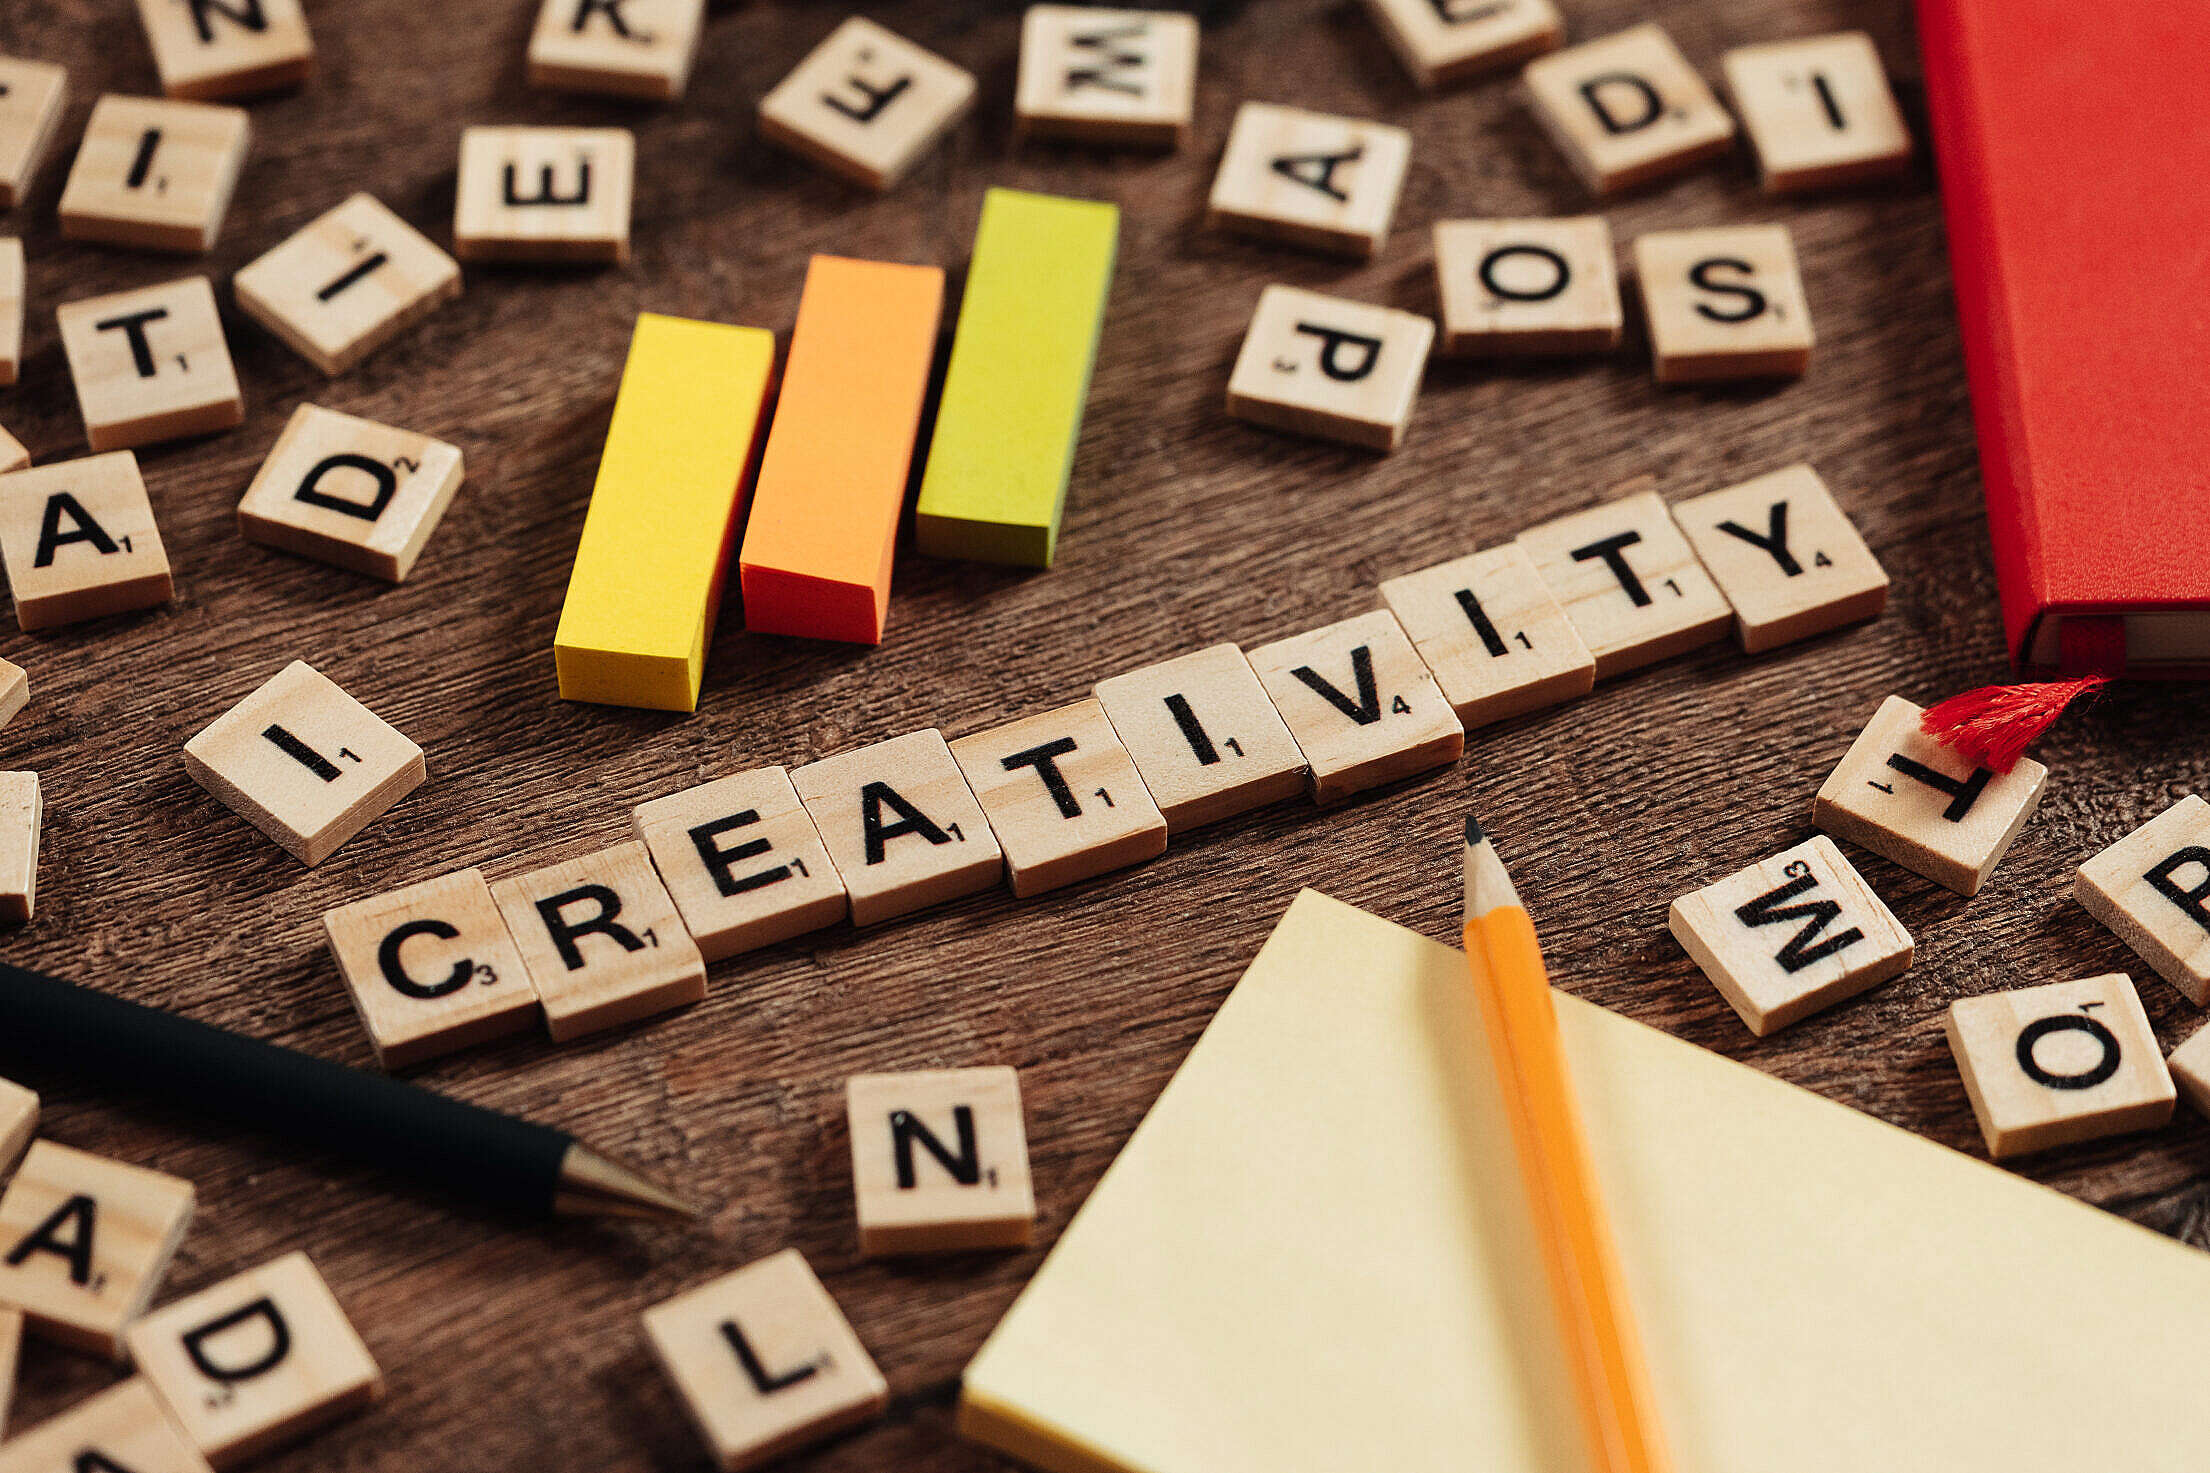 Creativity Text Free Stock Photo